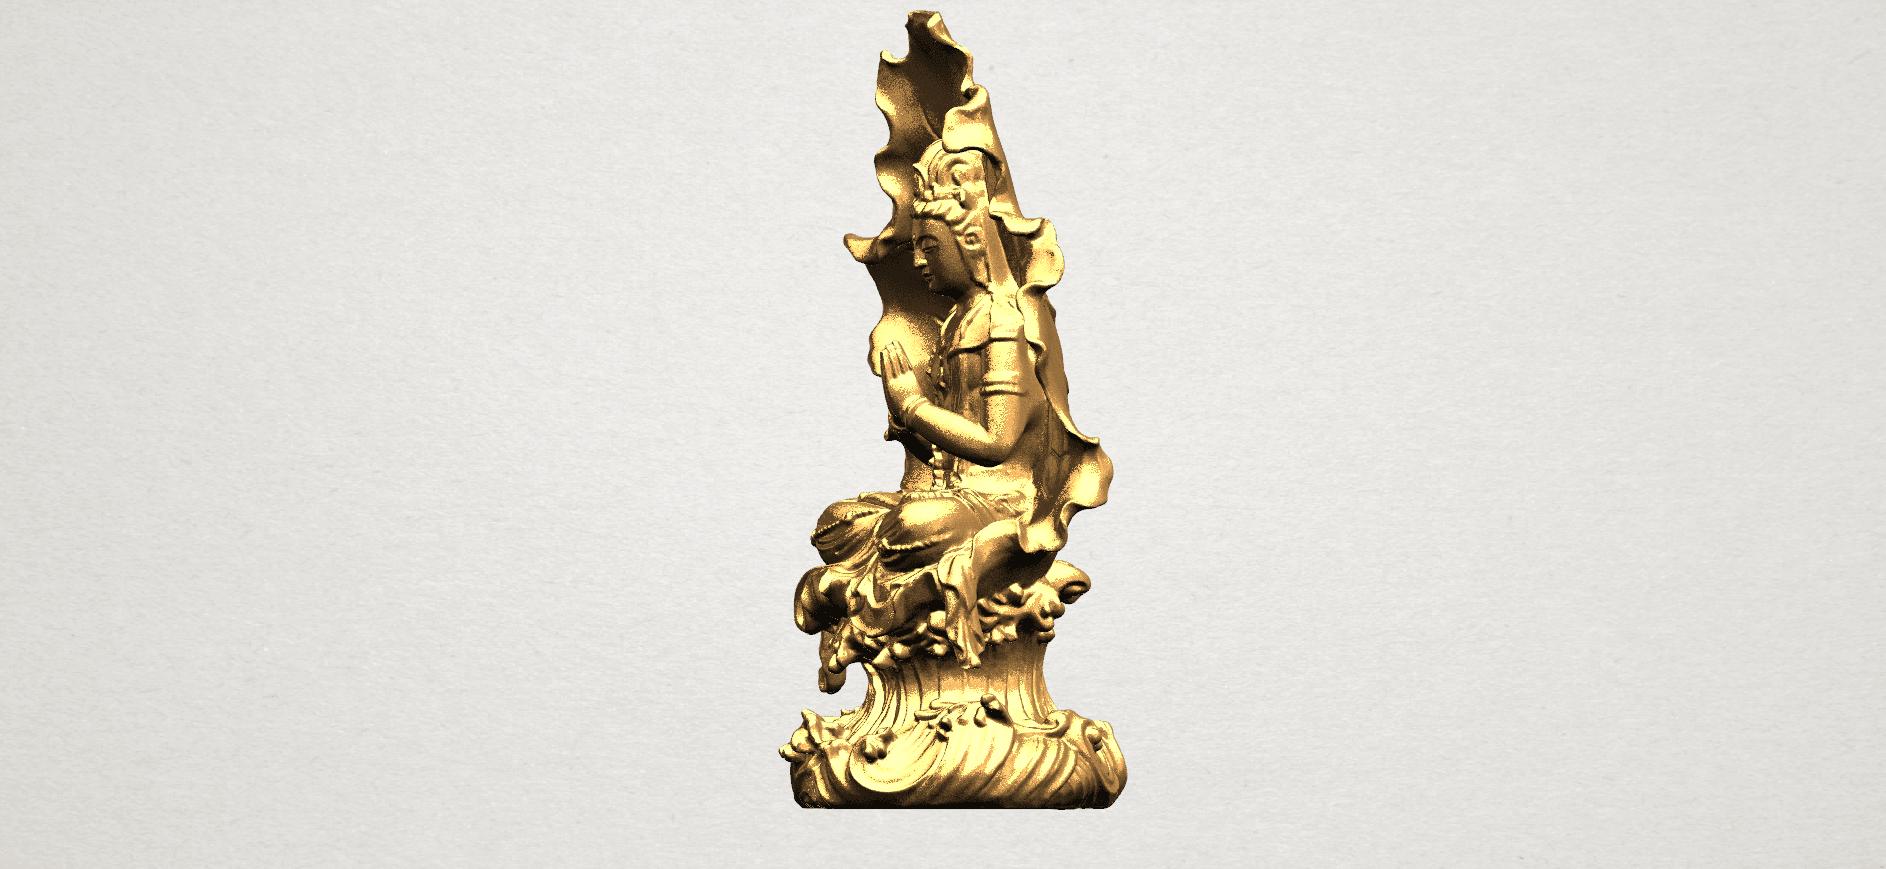 Avalokitesvara Buddha (with Lotus Leave) (ii) A03.png Download free STL file Avalokitesvara Buddha (with Lotus Leave) 02 • Model to 3D print, GeorgesNikkei